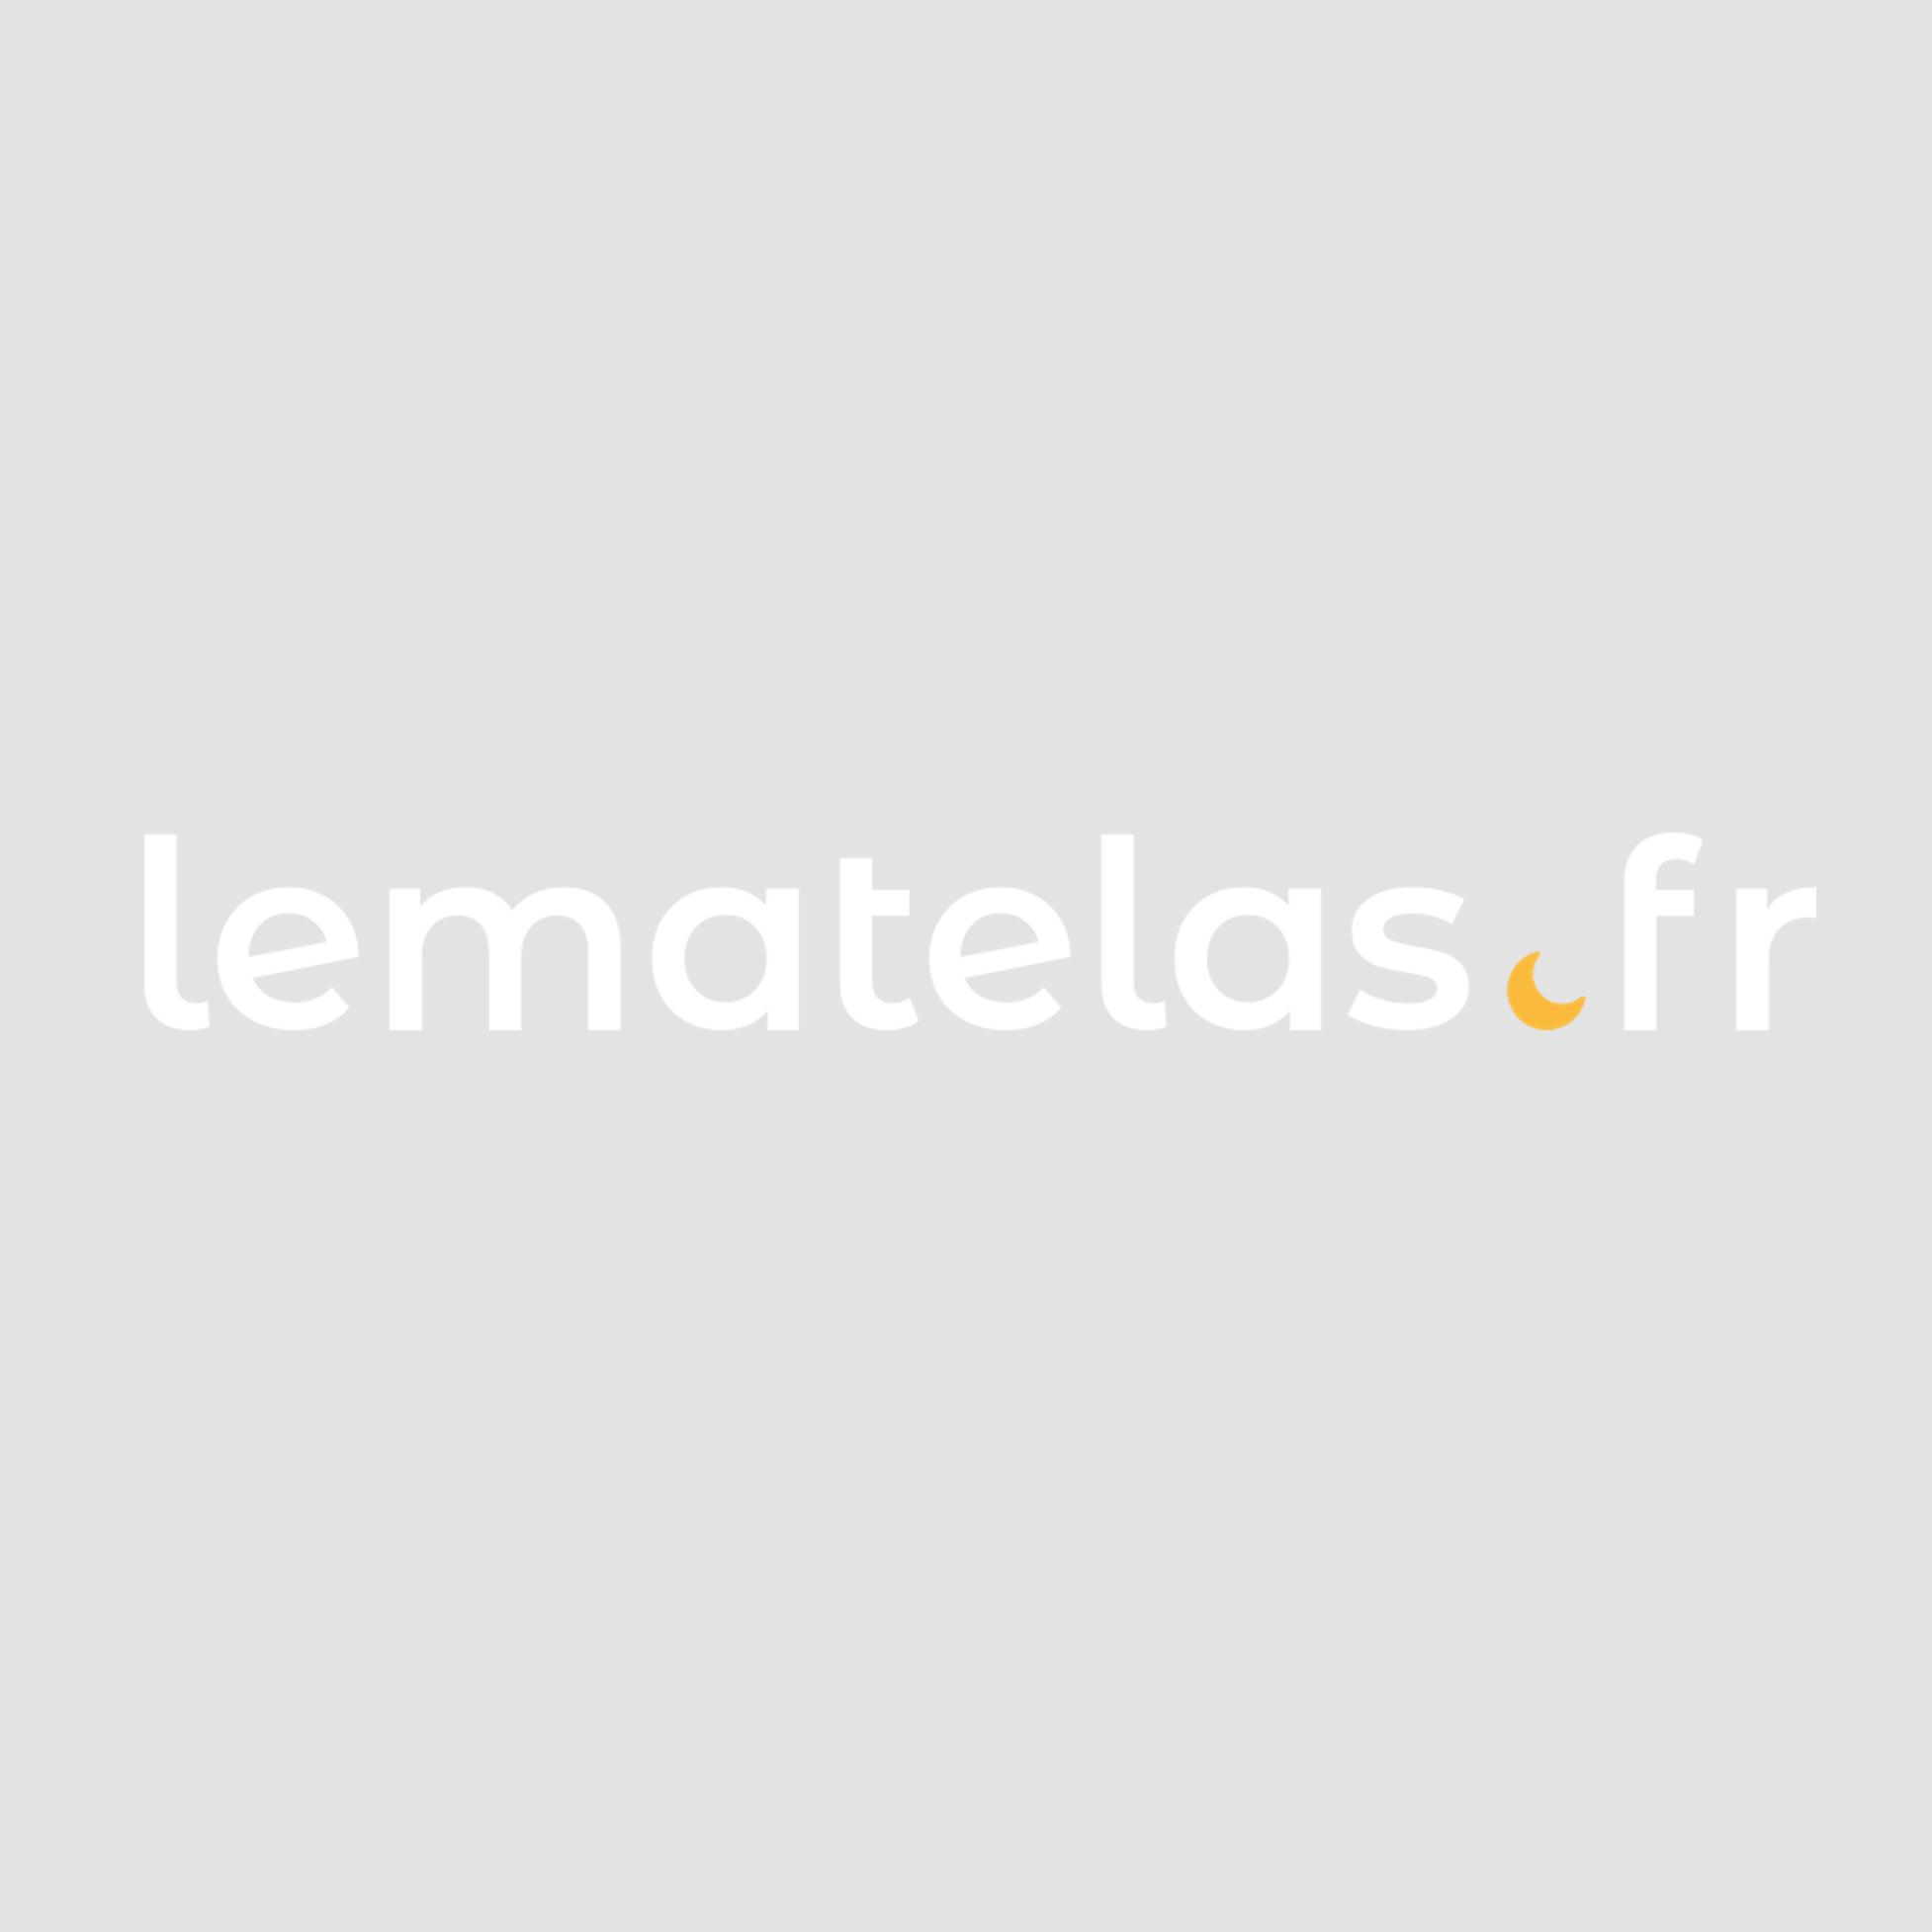 Chambre complète en bois imitation châtaignier naturel - CB5014-2